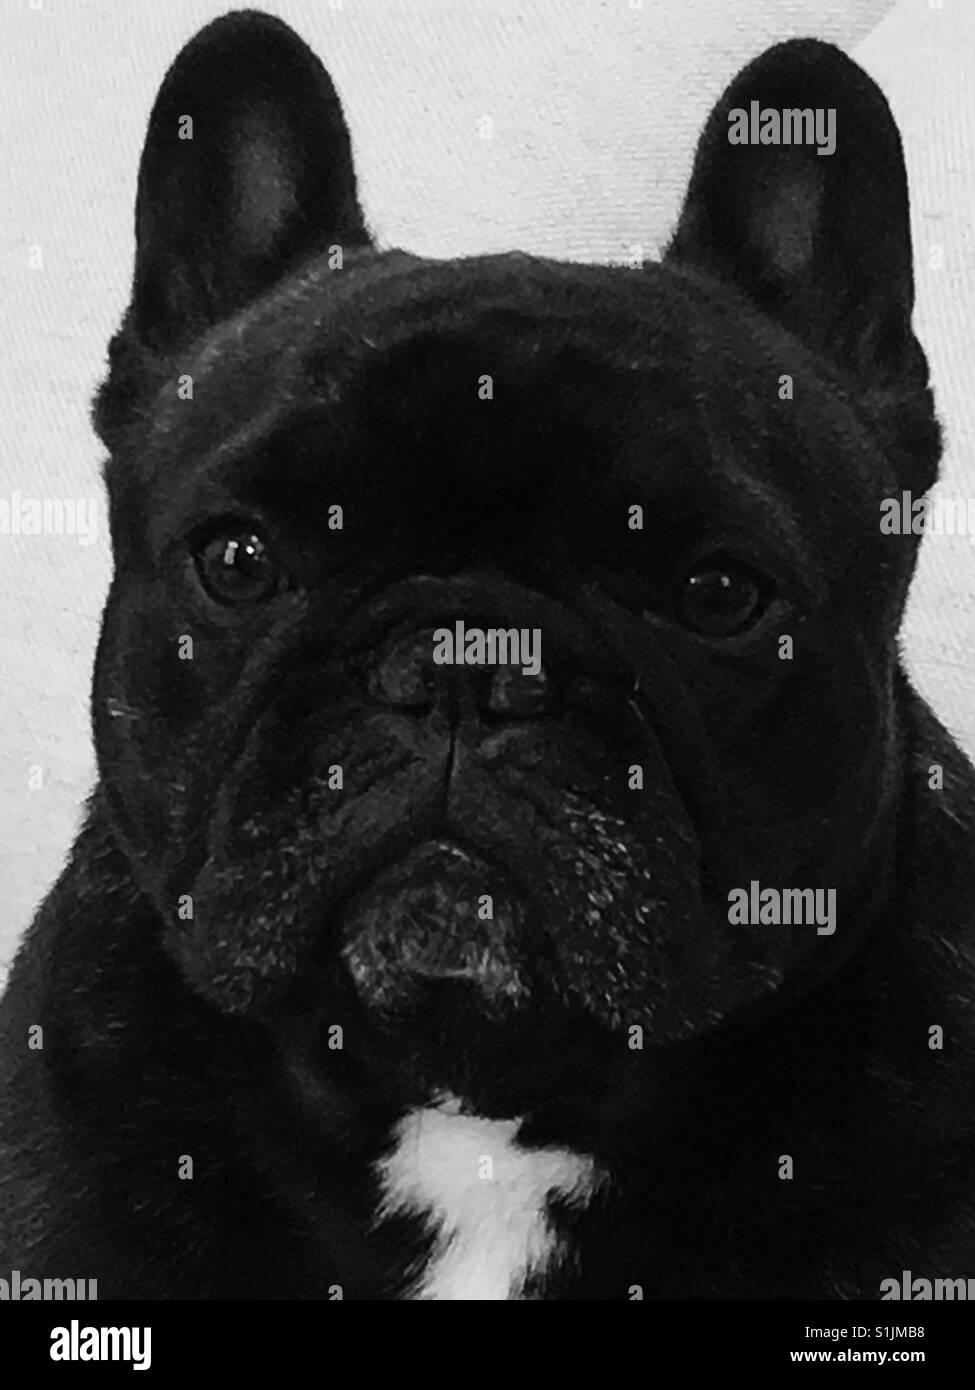 Batdog - Stock Image